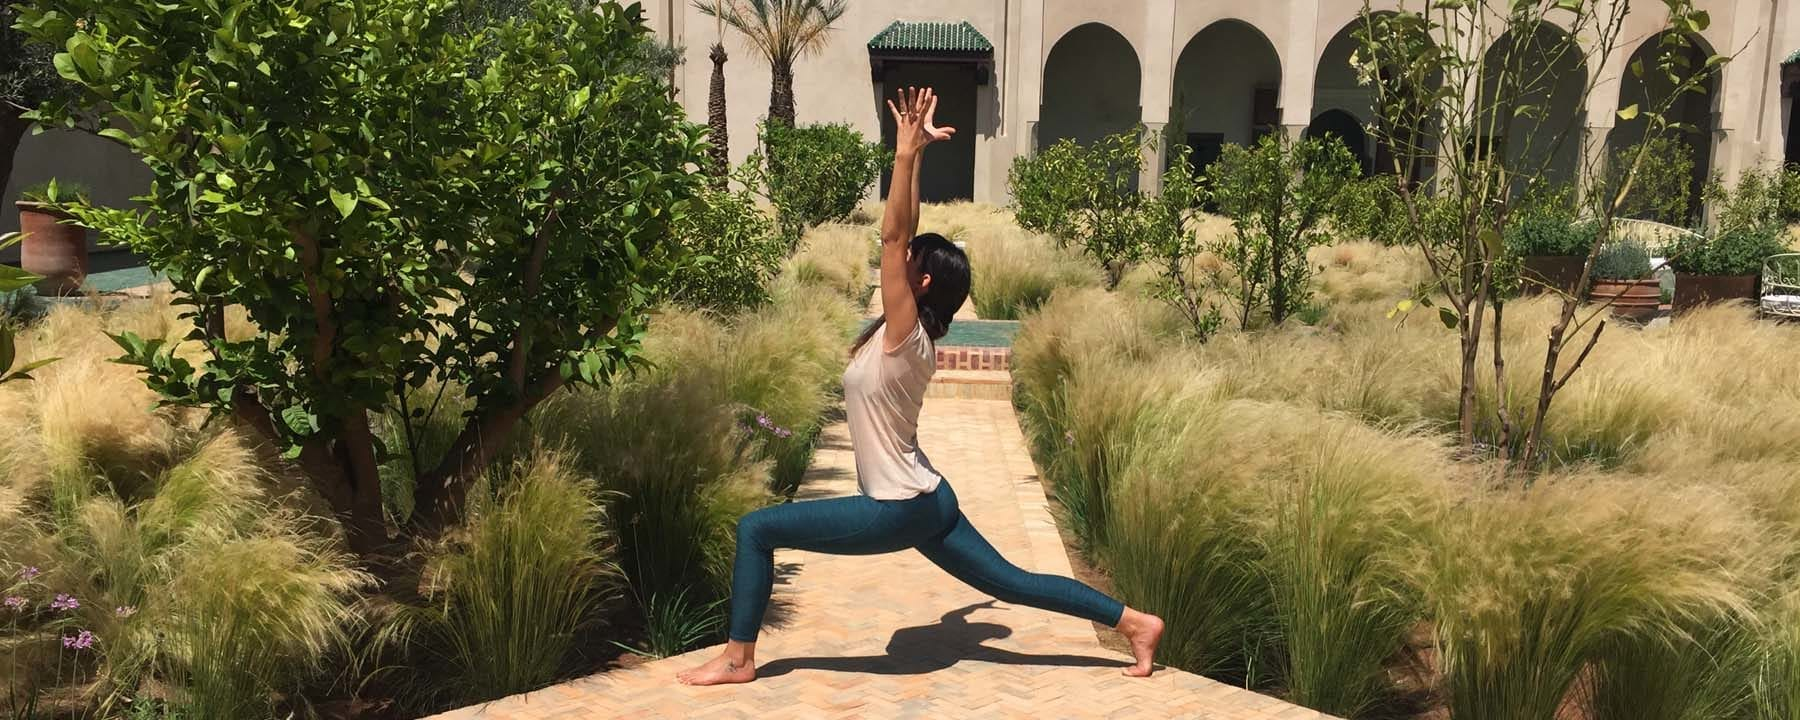 Yoga & Green Marrakech_Source NOSADE